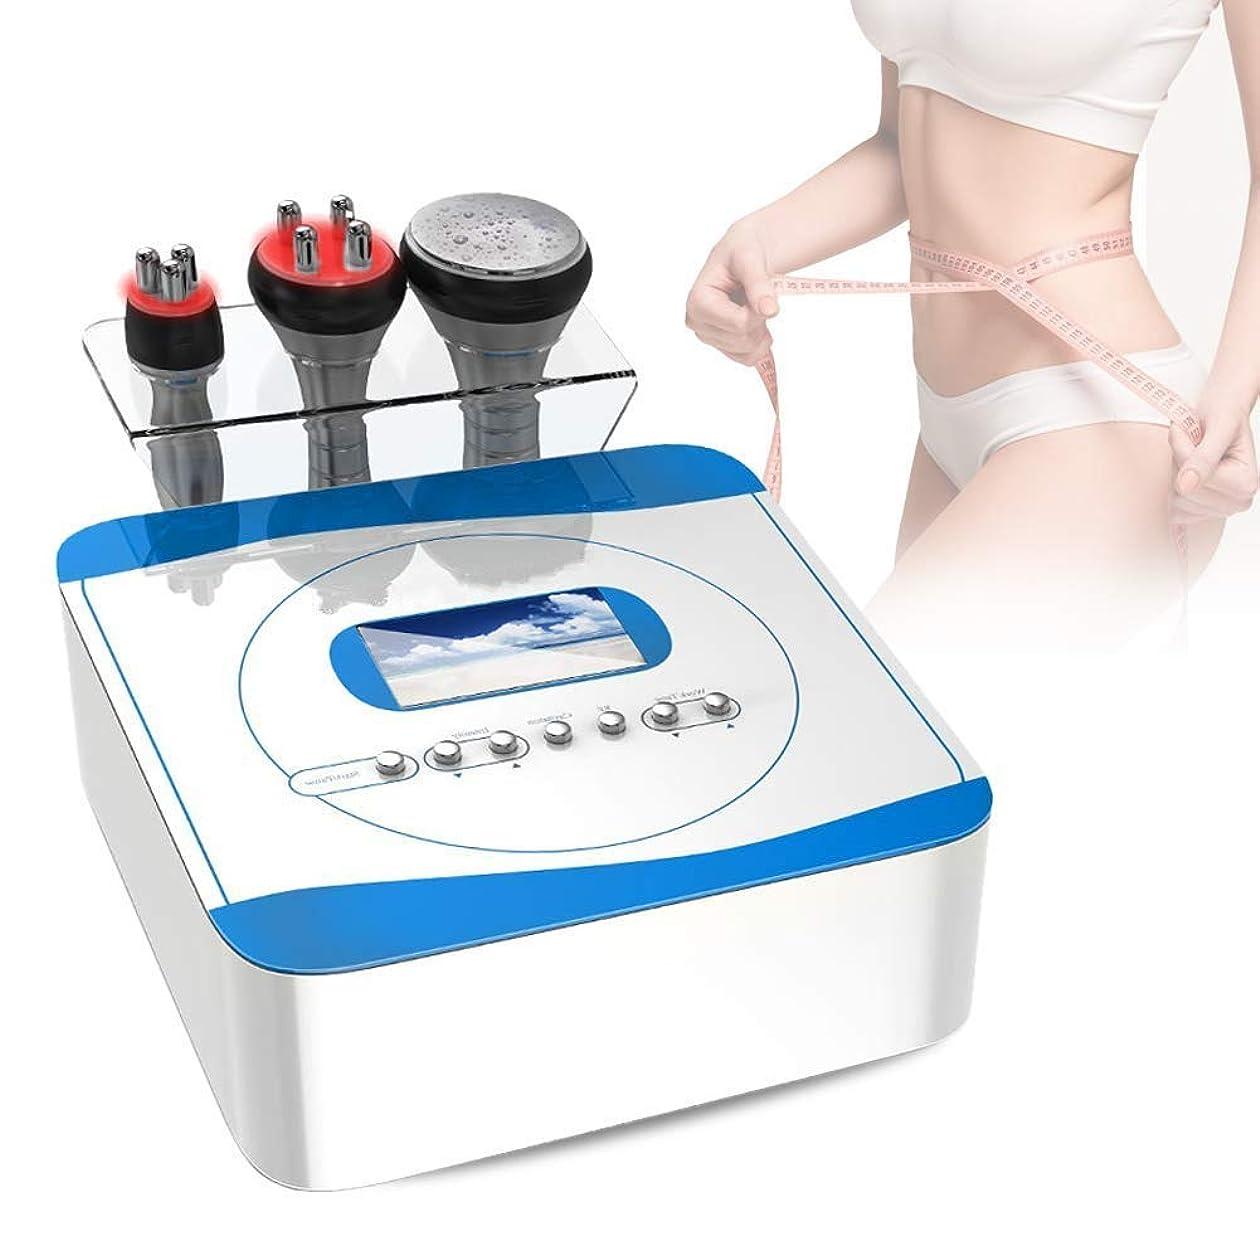 光景品種エンドテーブル1に付きボディシェーピングマッサージ機、ボディ痩身マシン、スリムマシンを締める腹部脂肪除去スキン、ボディマッサージスキンリフティングビューティーマシン、ウエストアームベリーレッグスキン用 (Edition : US PLUG)